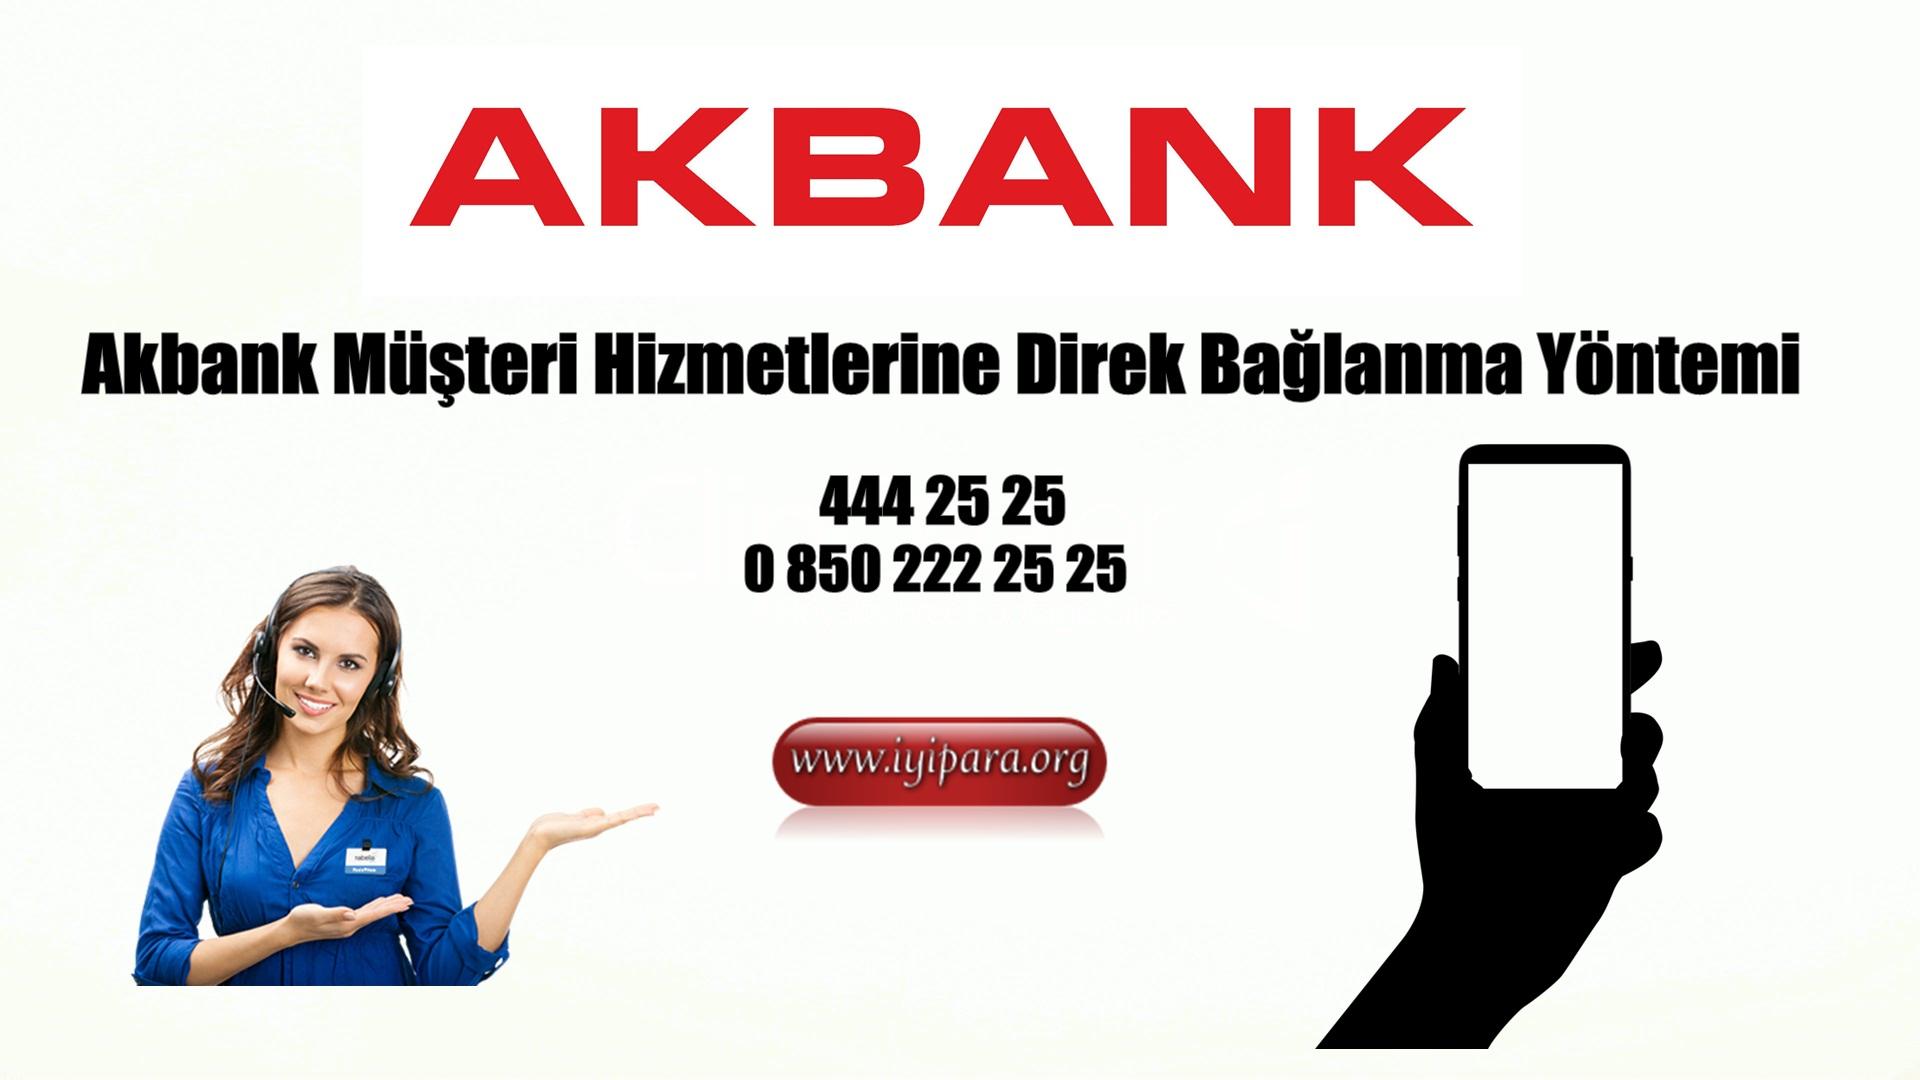 Akbank Müşteri Hizmetlerine Direk Bağlanma Yöntemi